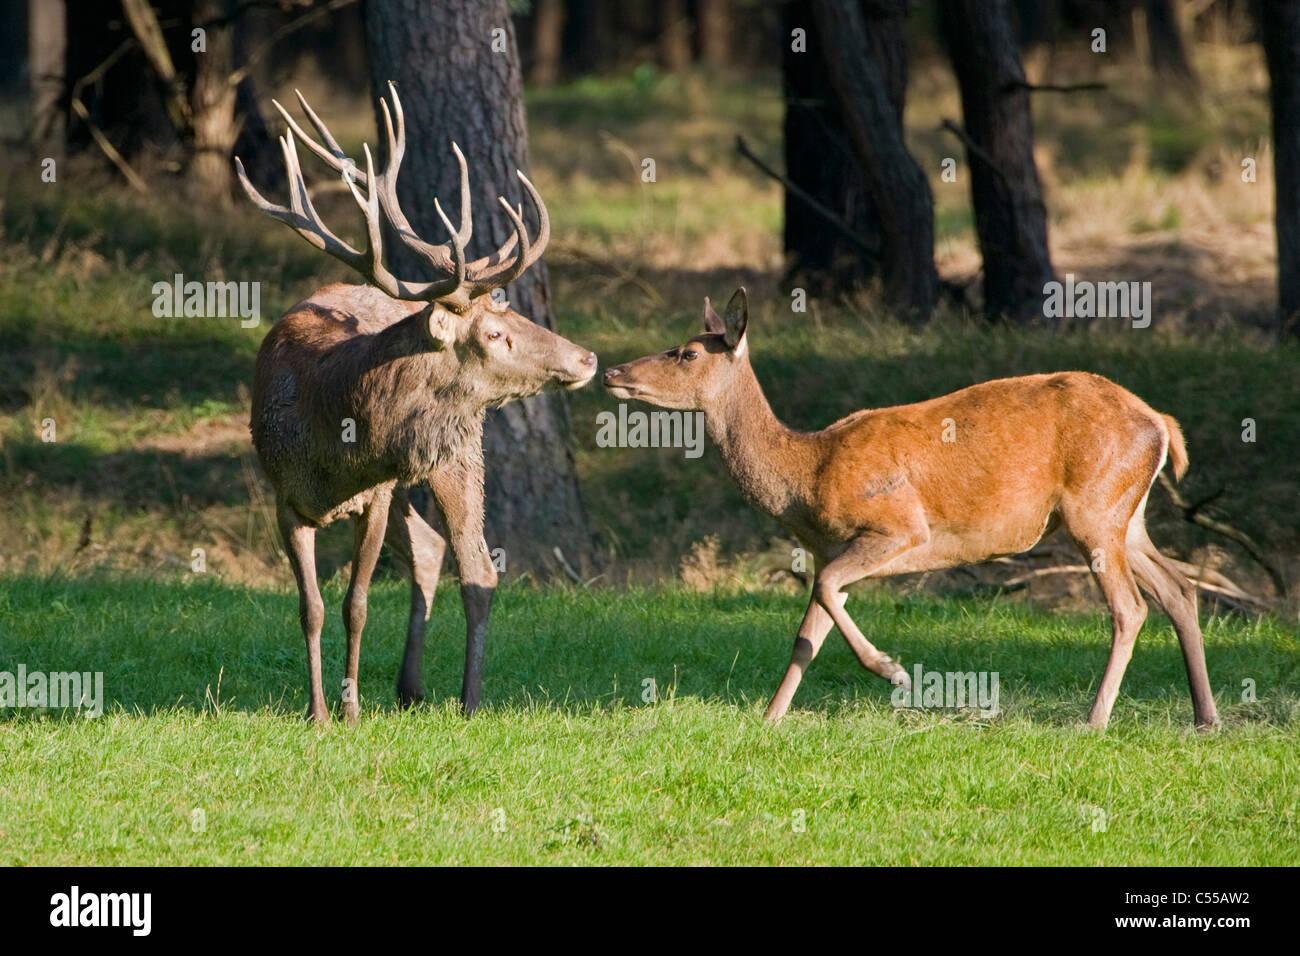 The Netherlands, Otterlo, National Park called De Hoge Veluwe. Red Deer (Cervus elaphus). - Stock Image